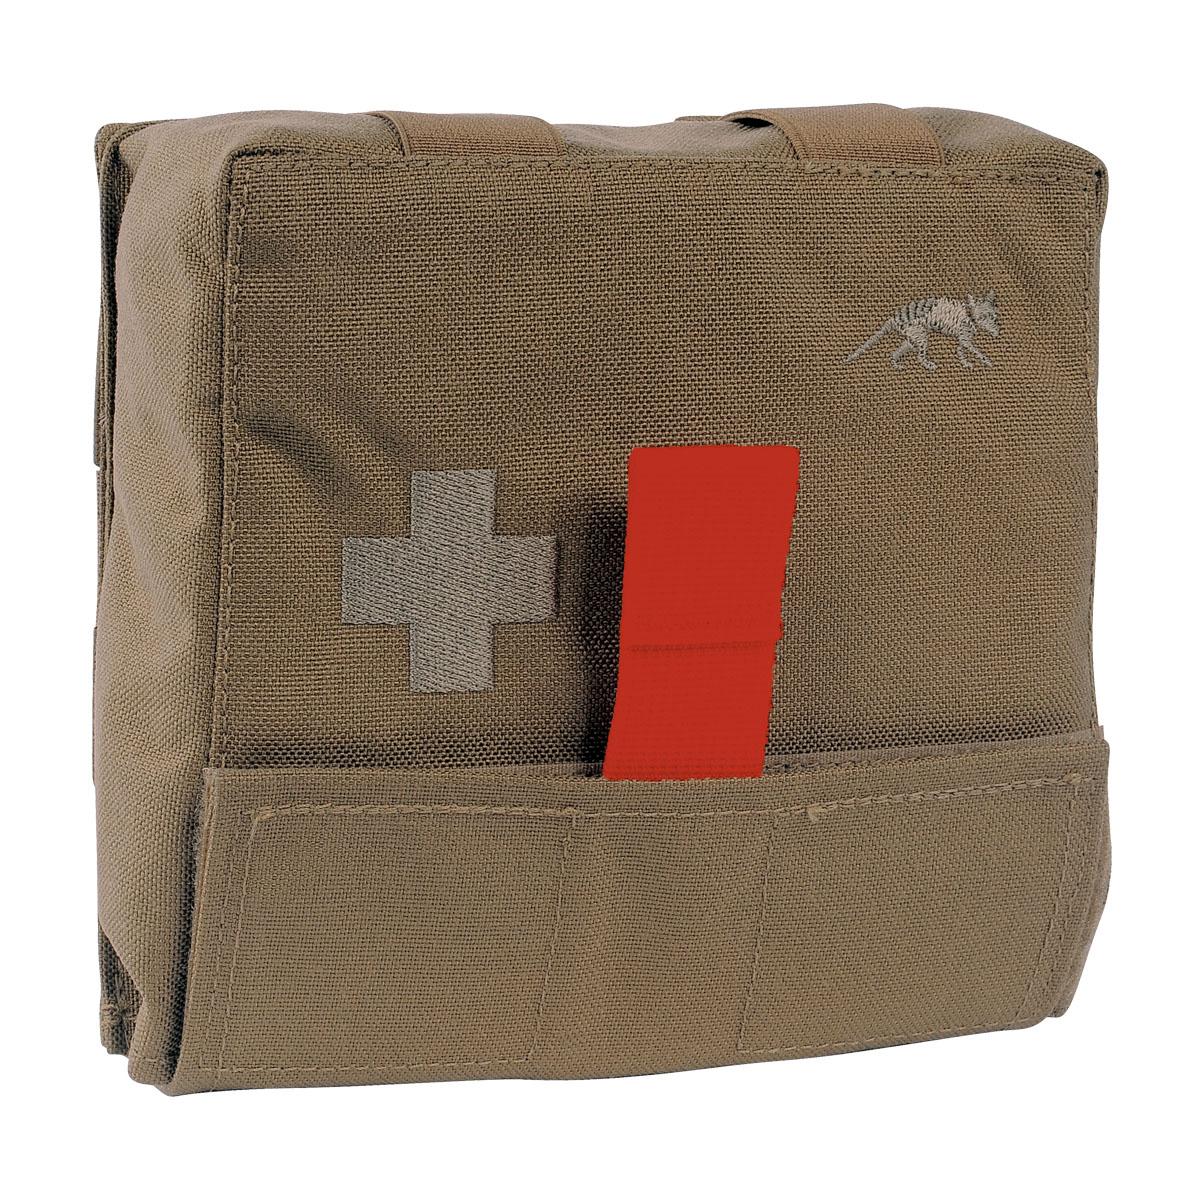 Подсумок-аптечка TT IFAK POUCH S coyote brown, 7687.346 - артикул: 821650302